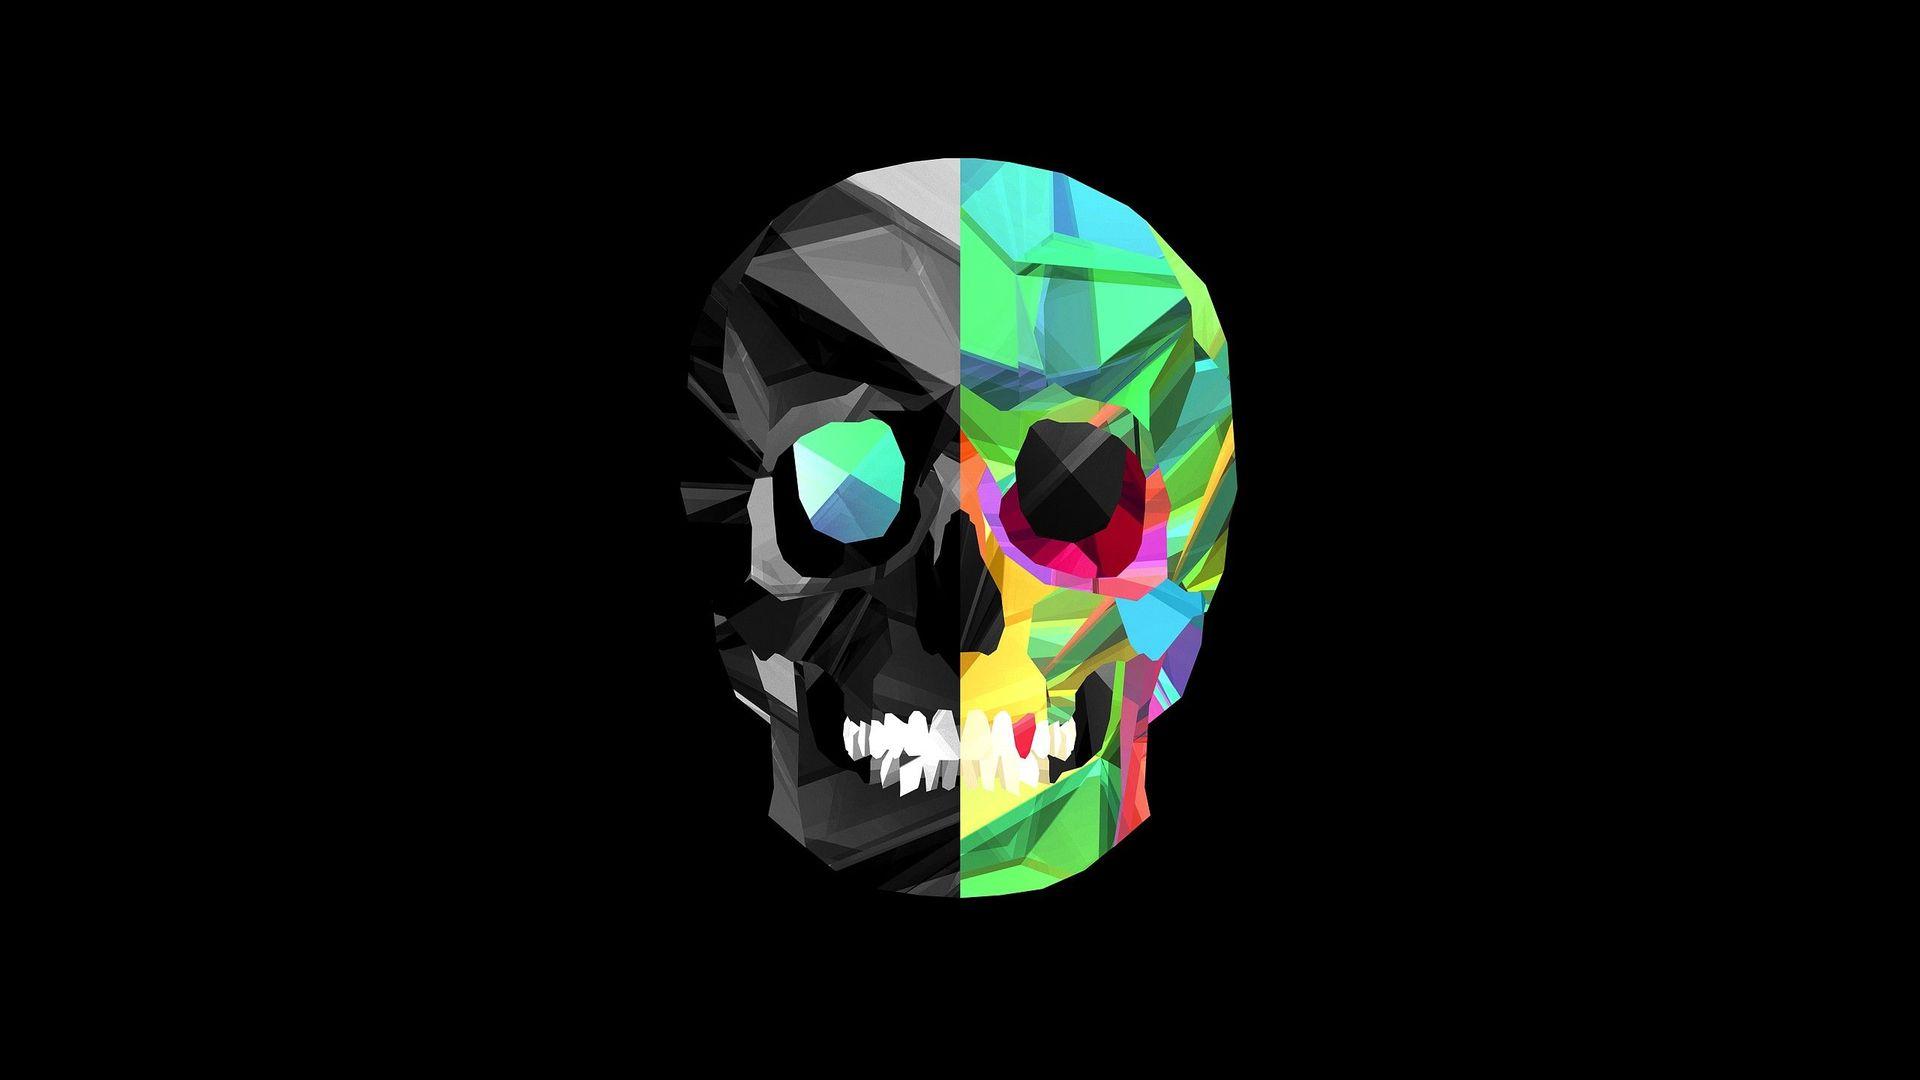 Skull Wallpaper 9215 1920x1080